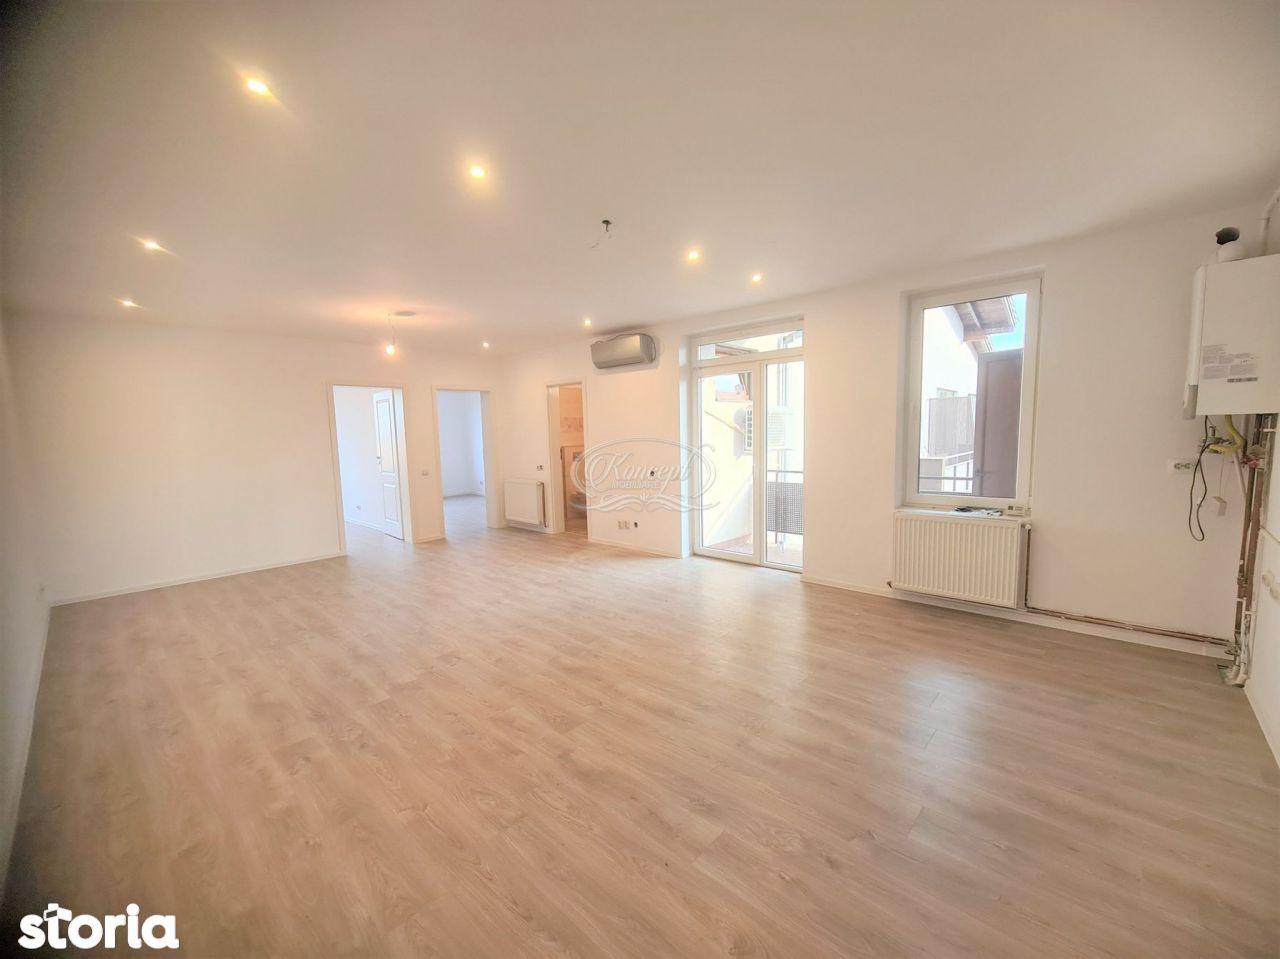 Apartament cu 3 camere, zona str. Tineretului